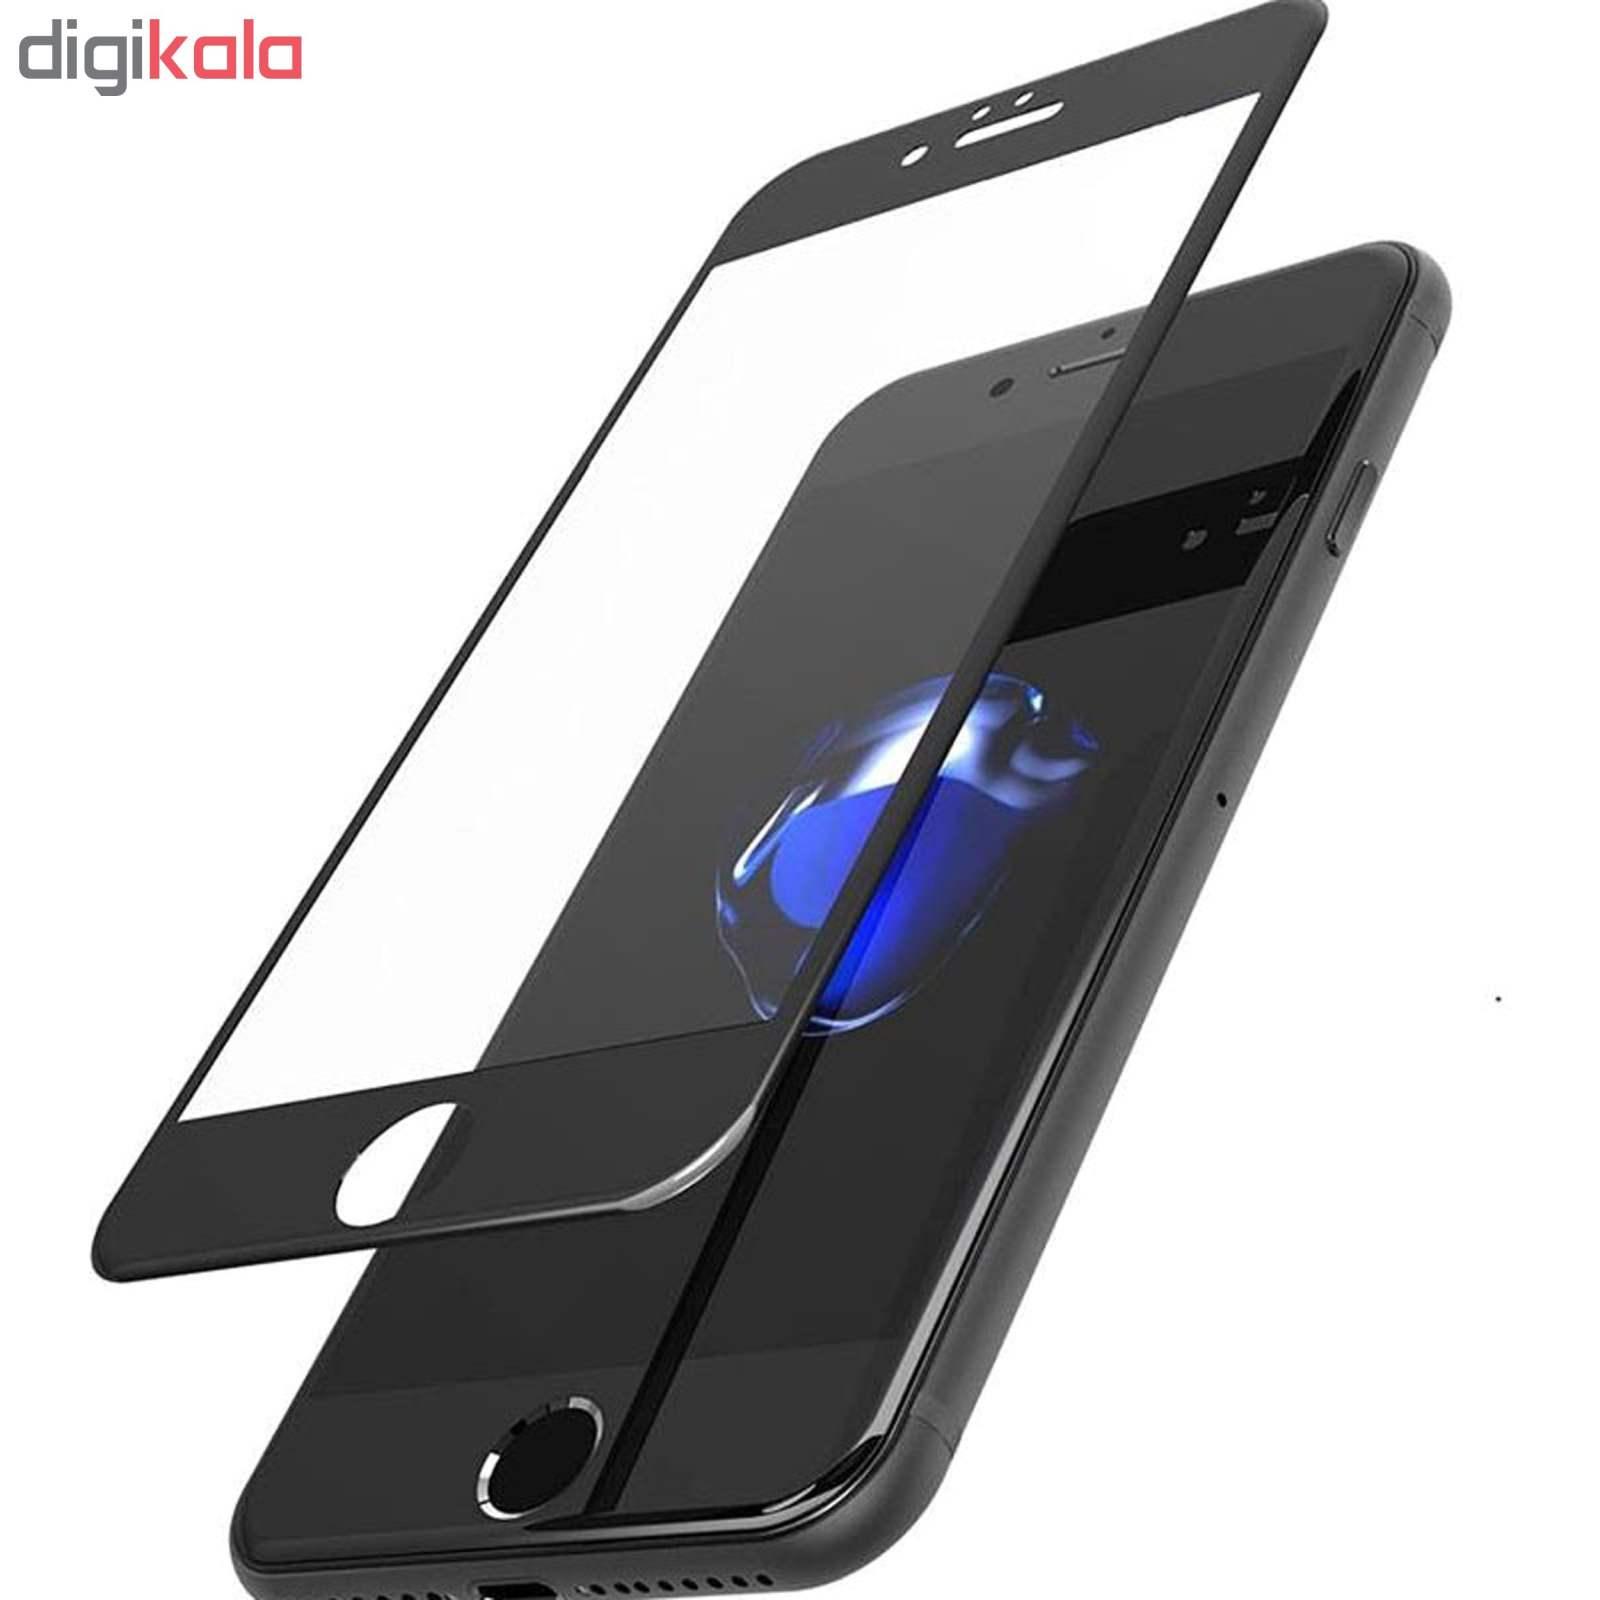 محافظ صفحه نمایش مدل GL004 مناسب برای گوشی موبایل اپل Iphone 7 PLUS main 1 2